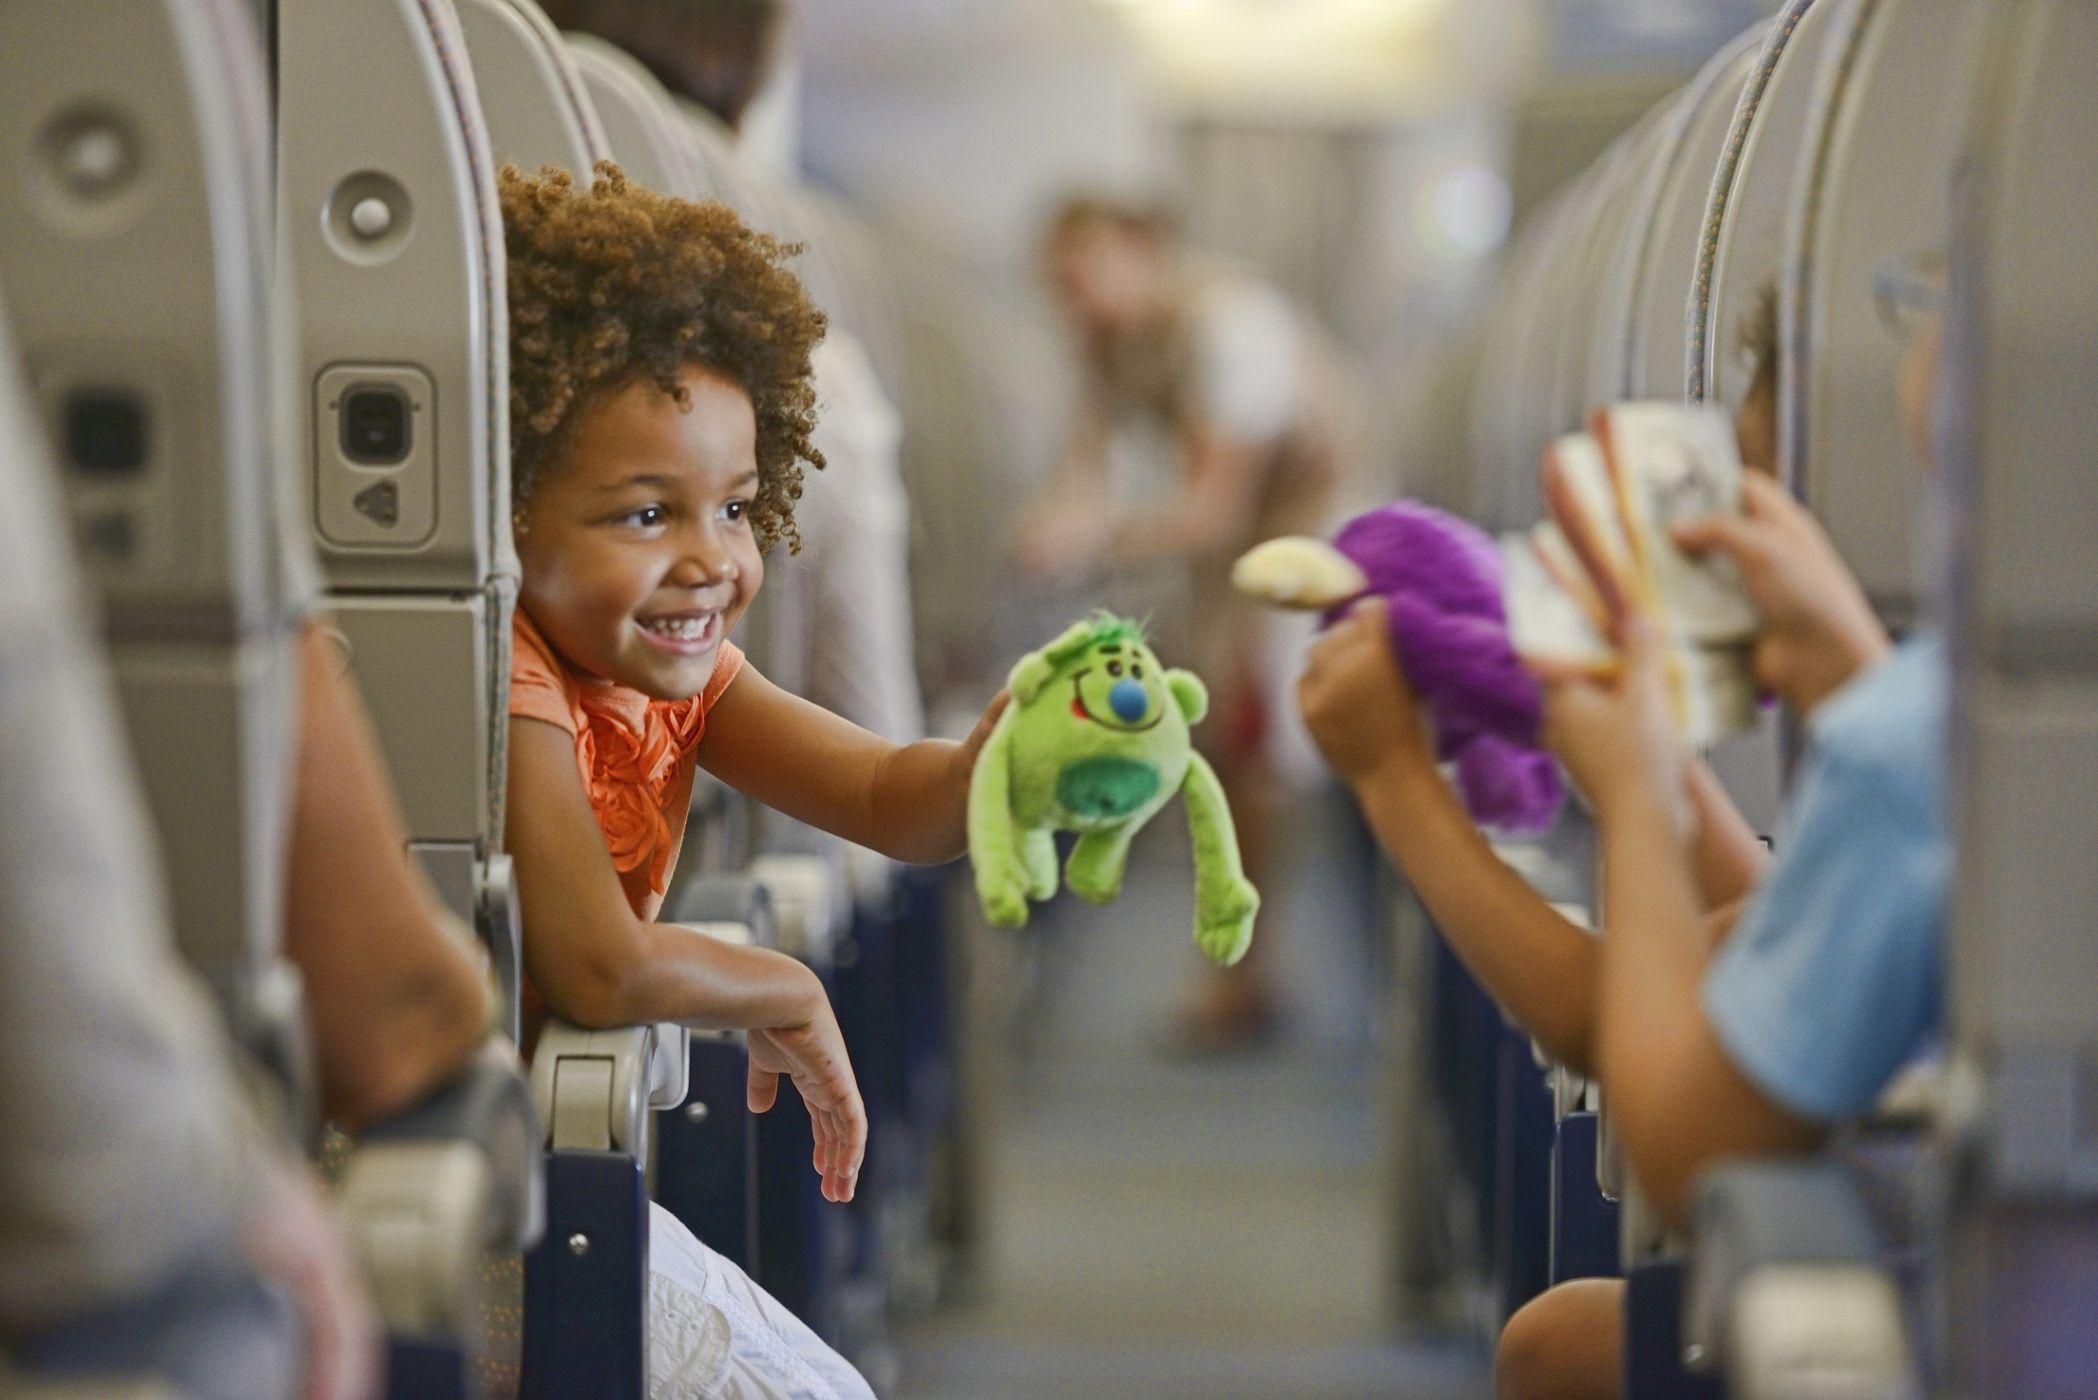 Viajar com bebs no precisa ser um problema veja dicas de quem j foi